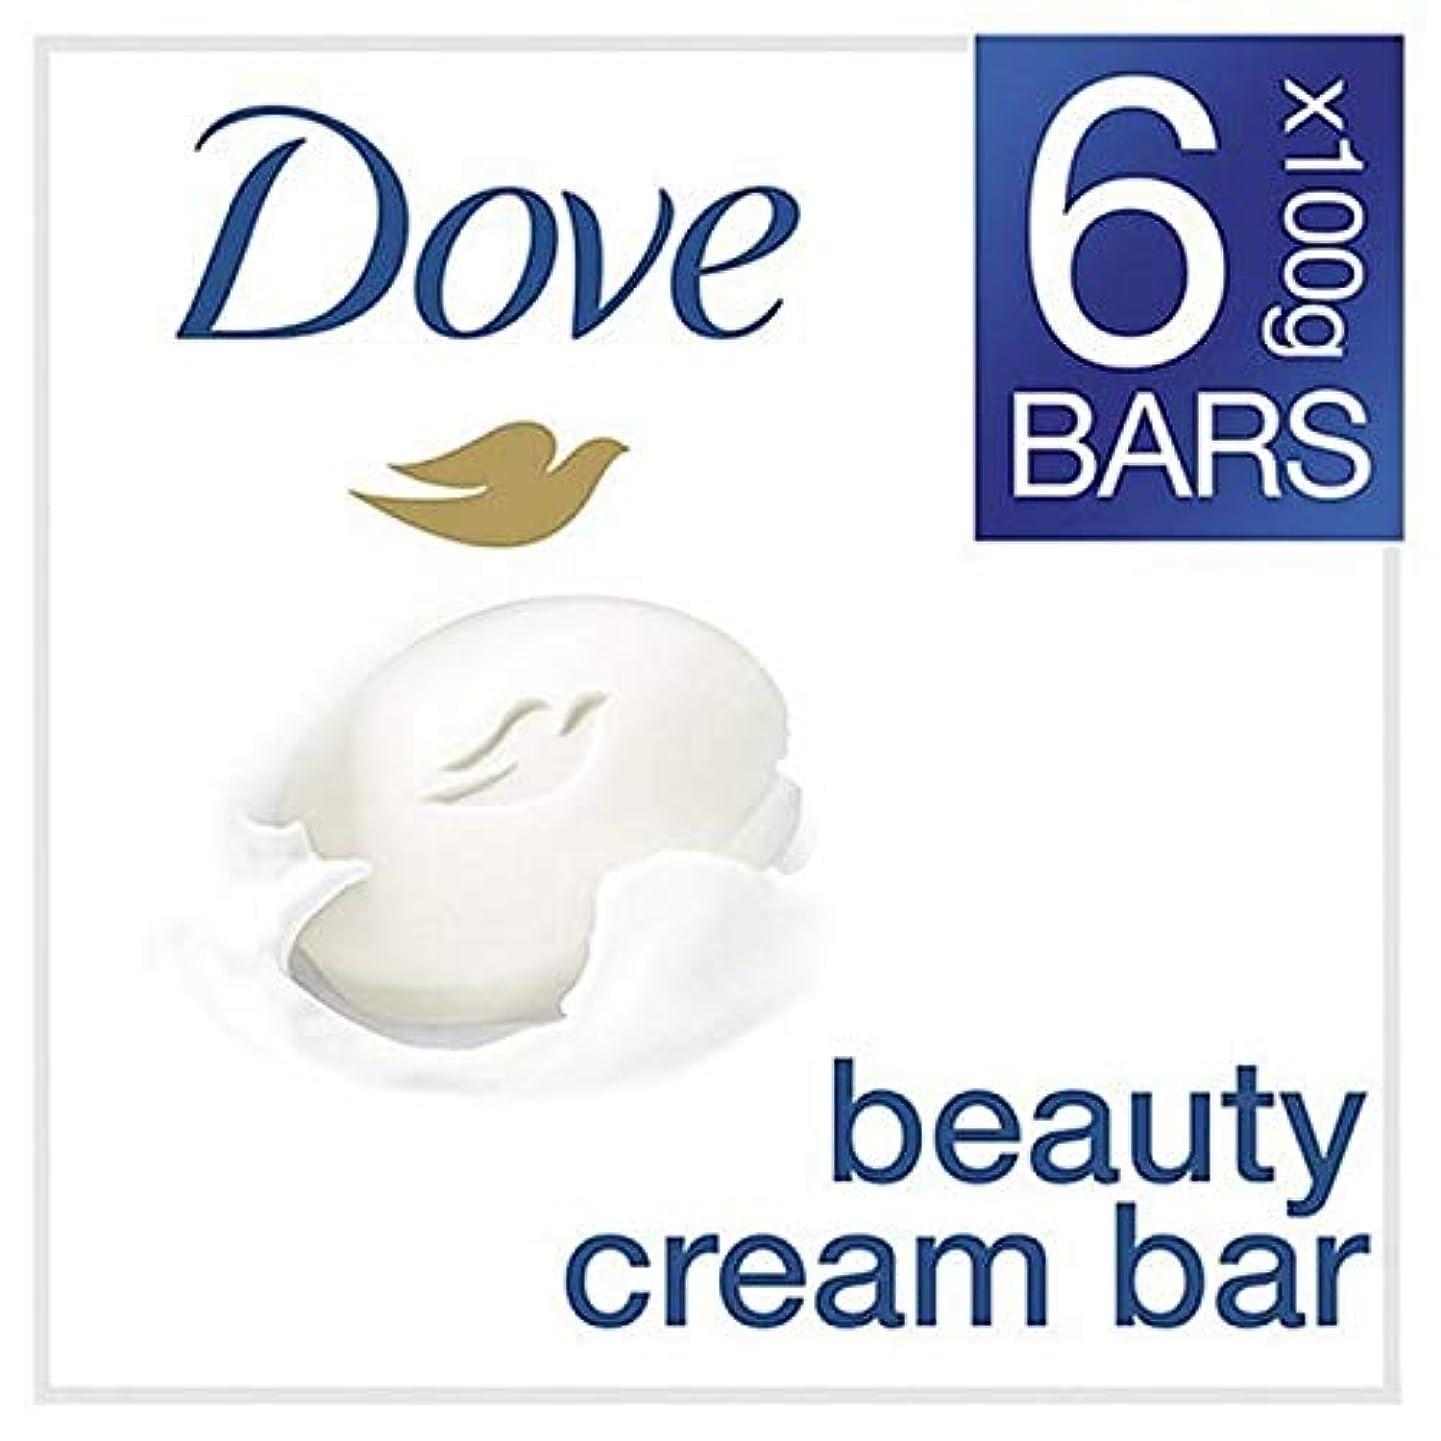 恐ろしいです剣アルコール[Dove ] 鳩元美容クリームソープバー6のX 100グラム - Dove Original Beauty Cream Soap Bar 6 x 100g [並行輸入品]